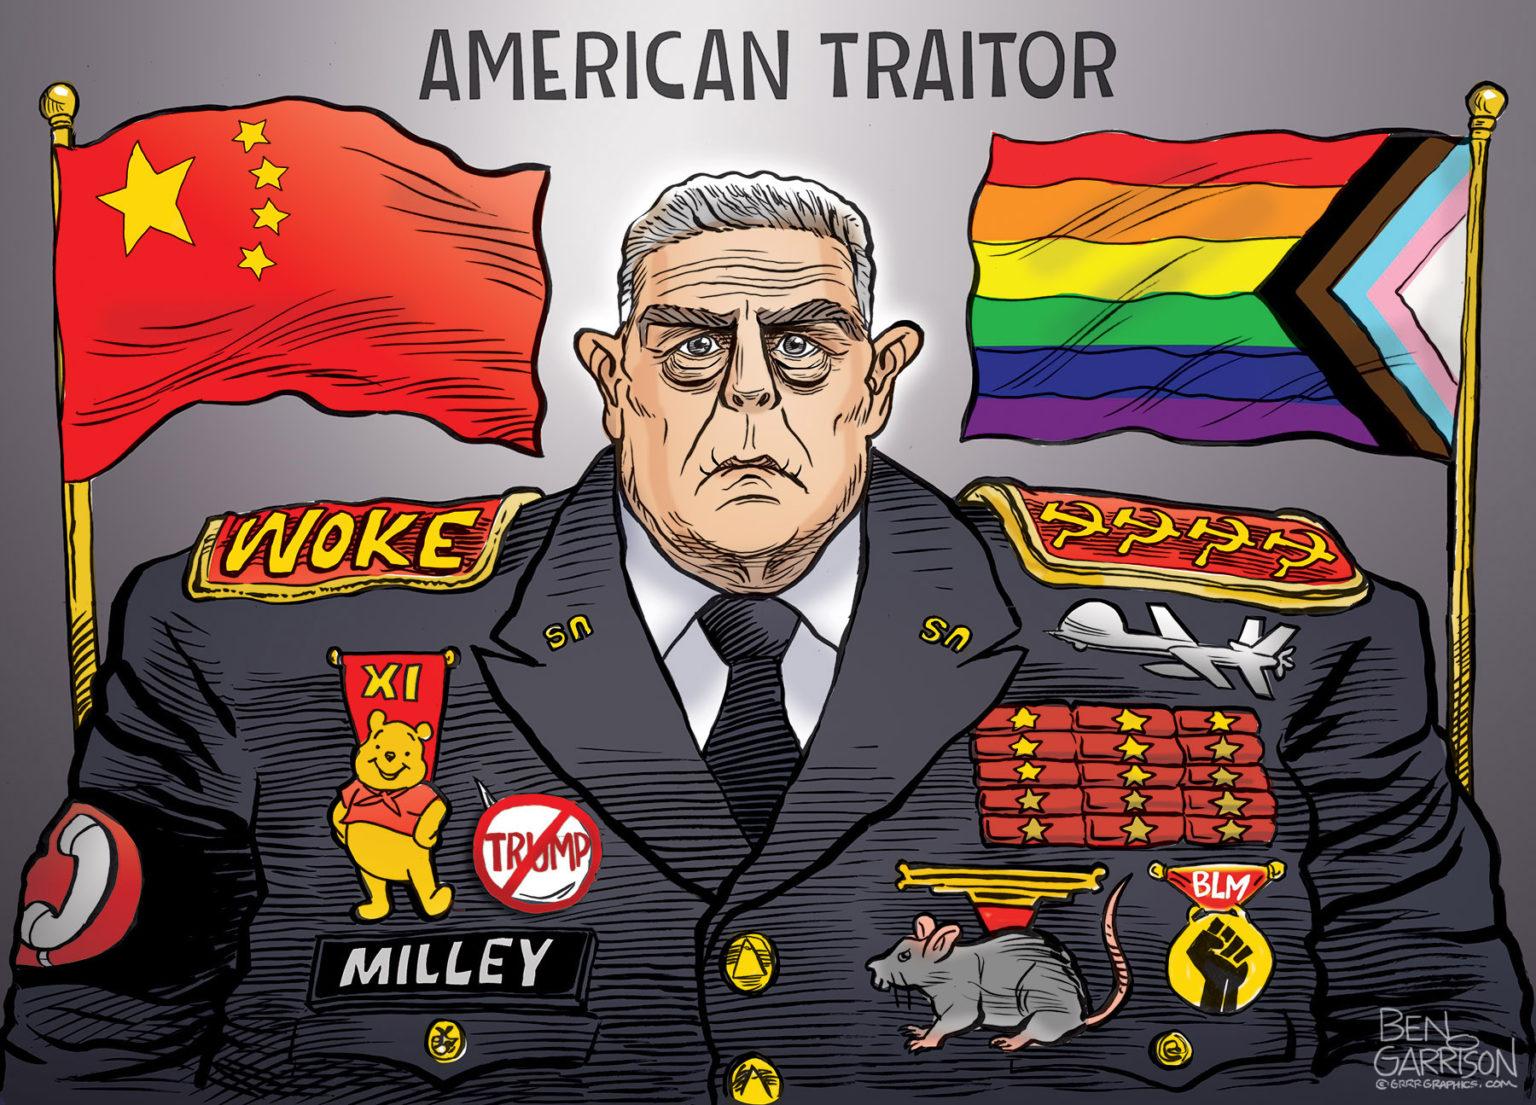 milley-traitor-1-1536x1105.jpg